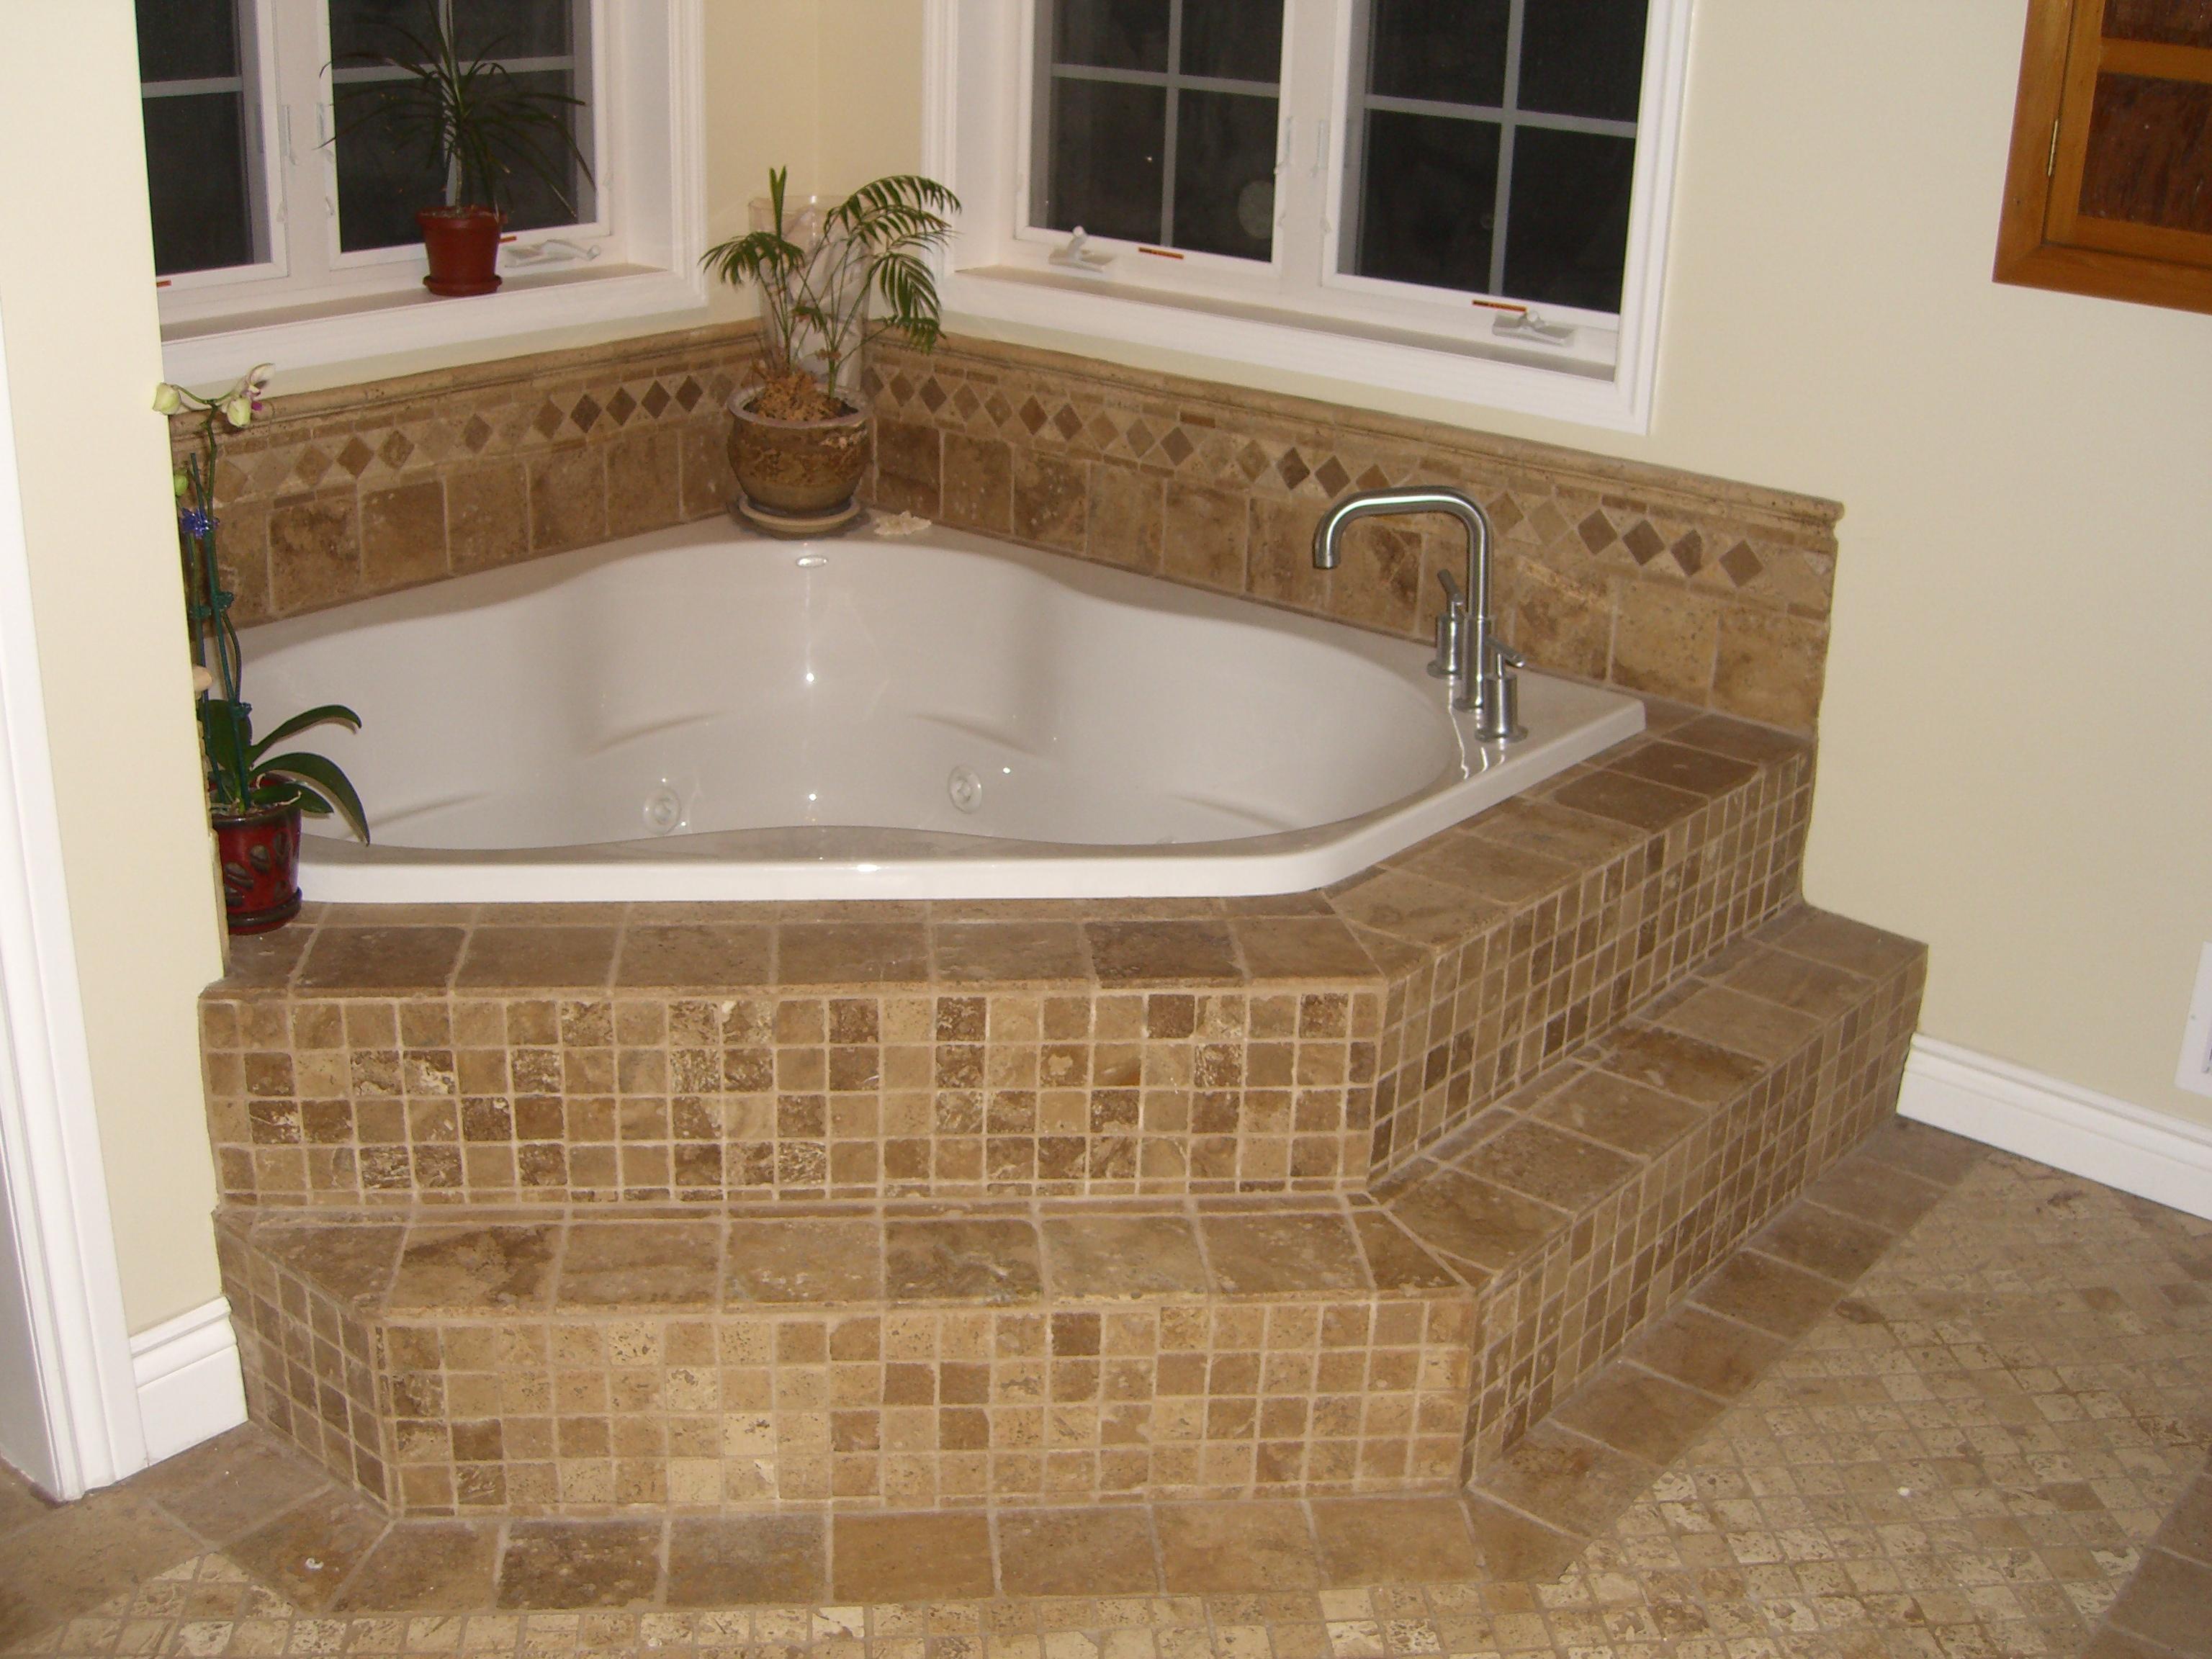 Bathroom Remodeling Hig Construction Ny Capital Region Saratoga Latham